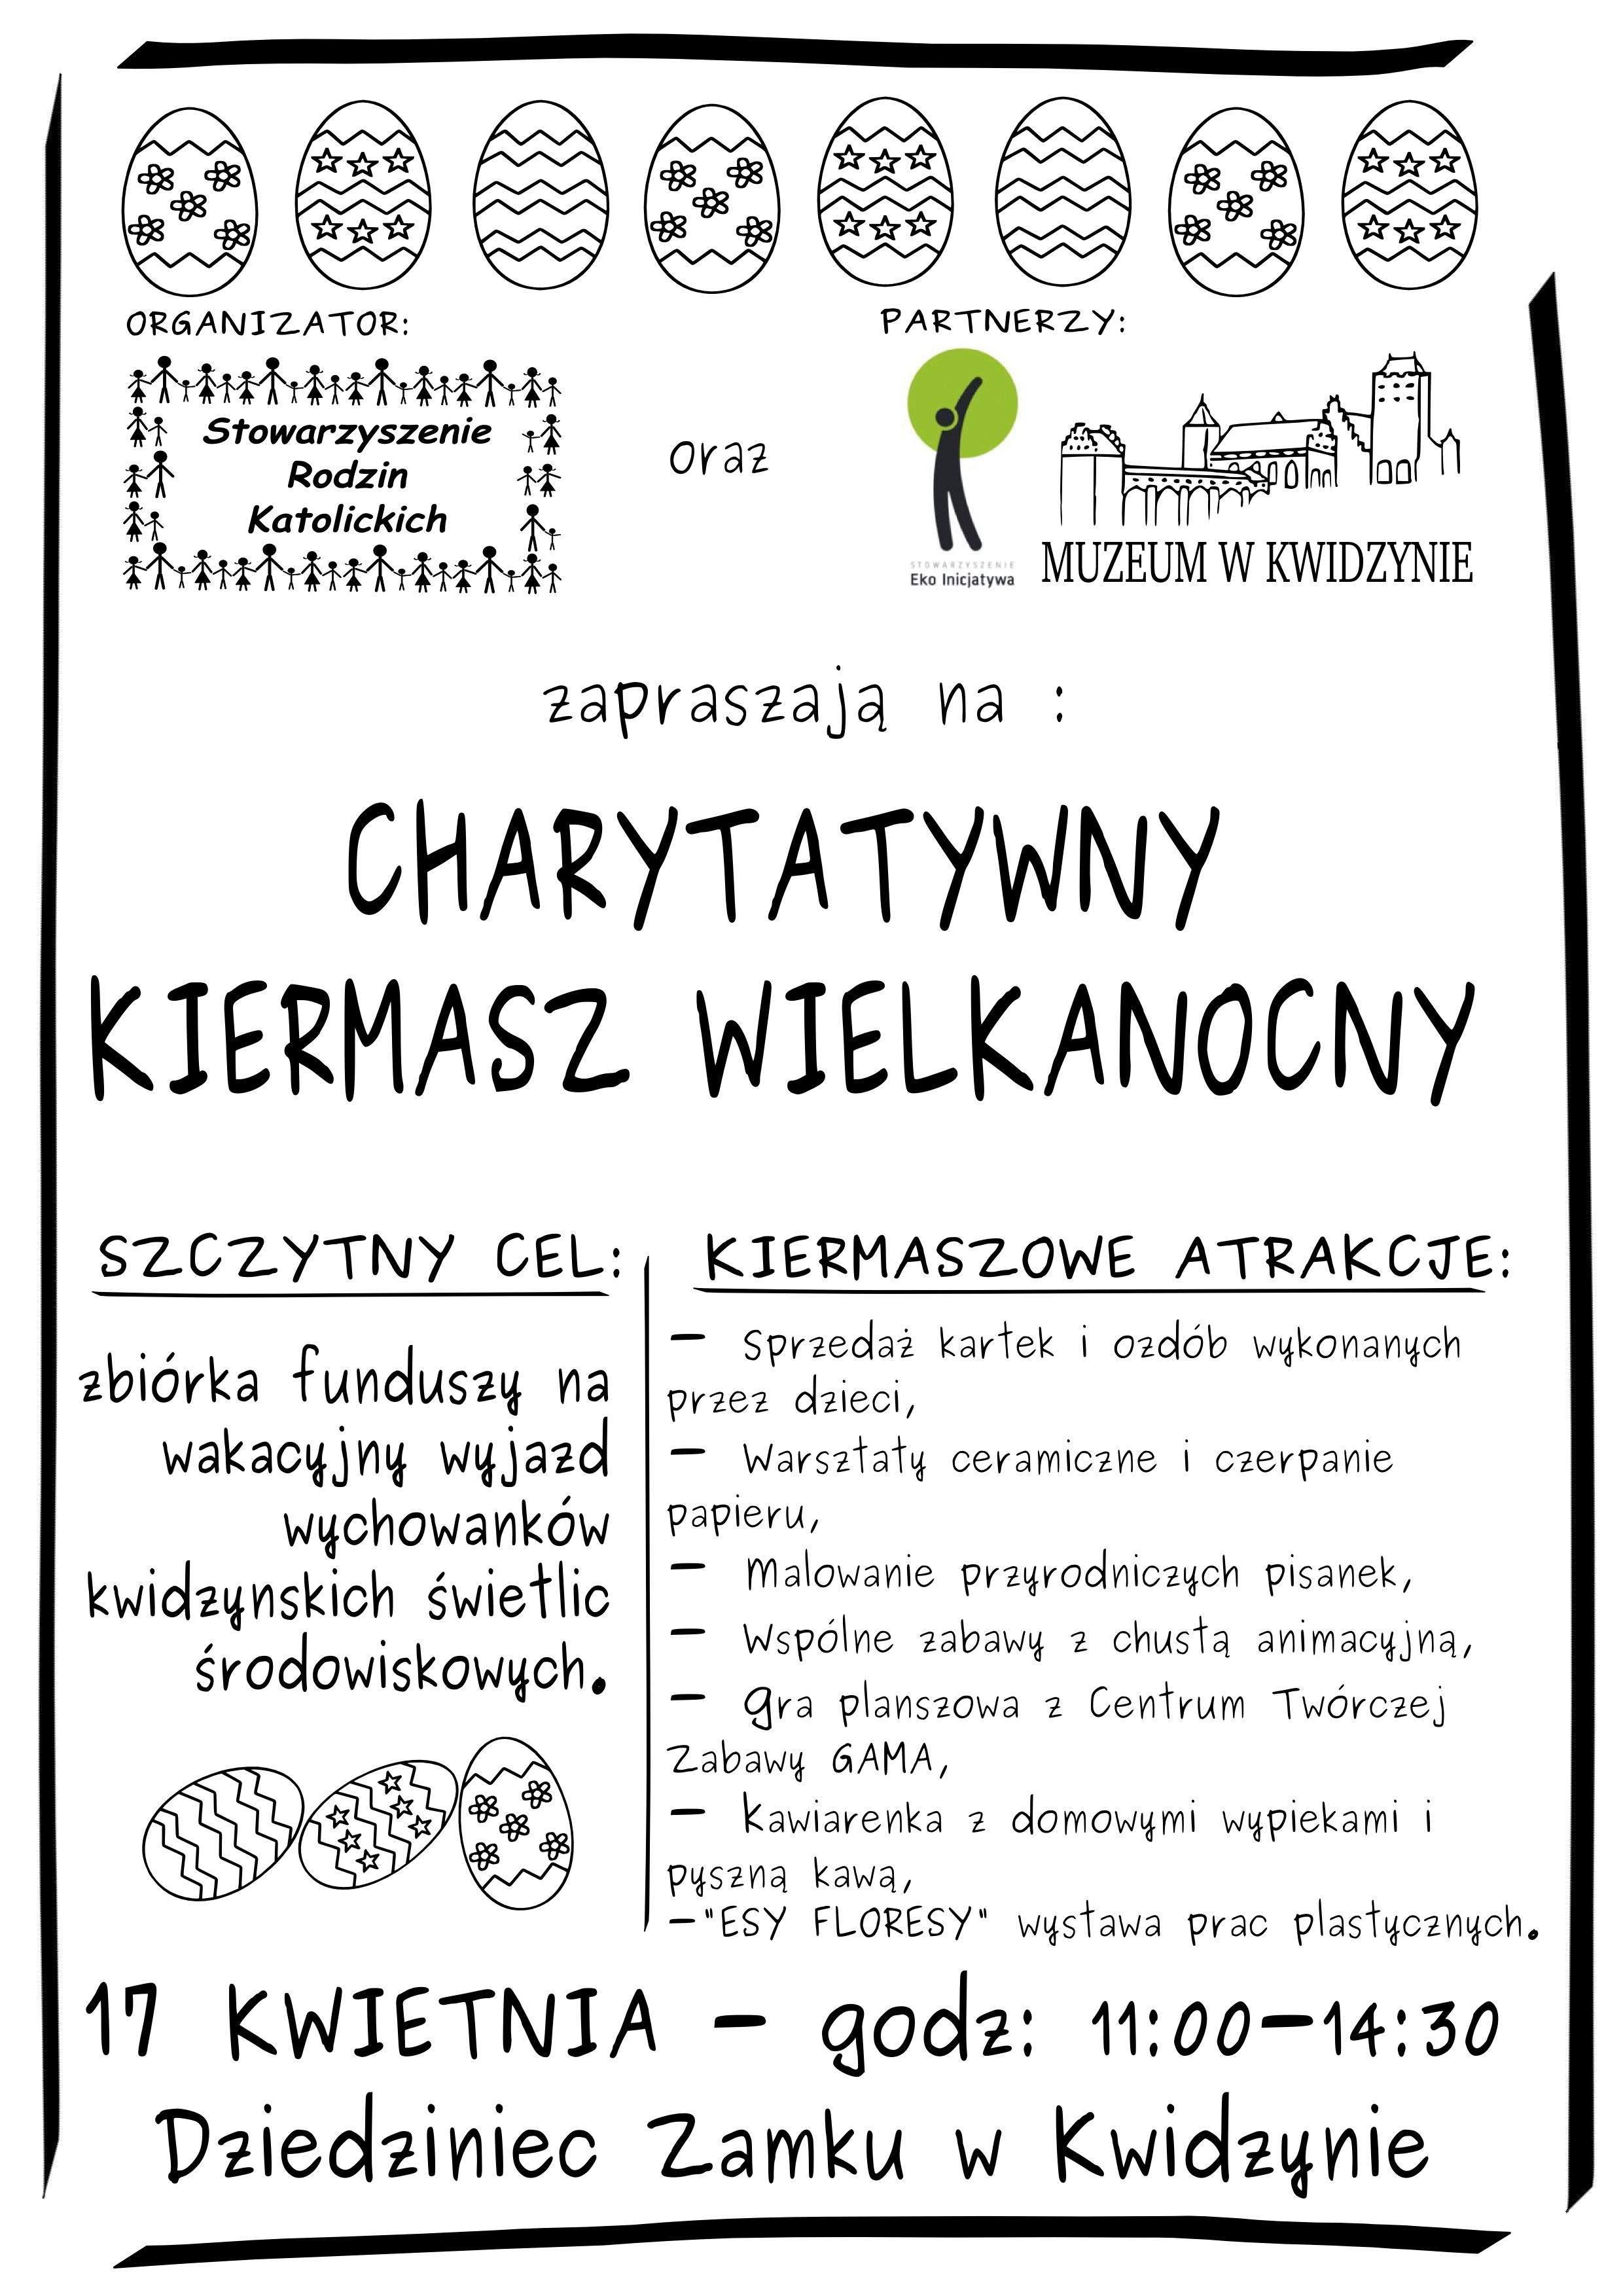 2011-04-05 Plakat inrormacyjny